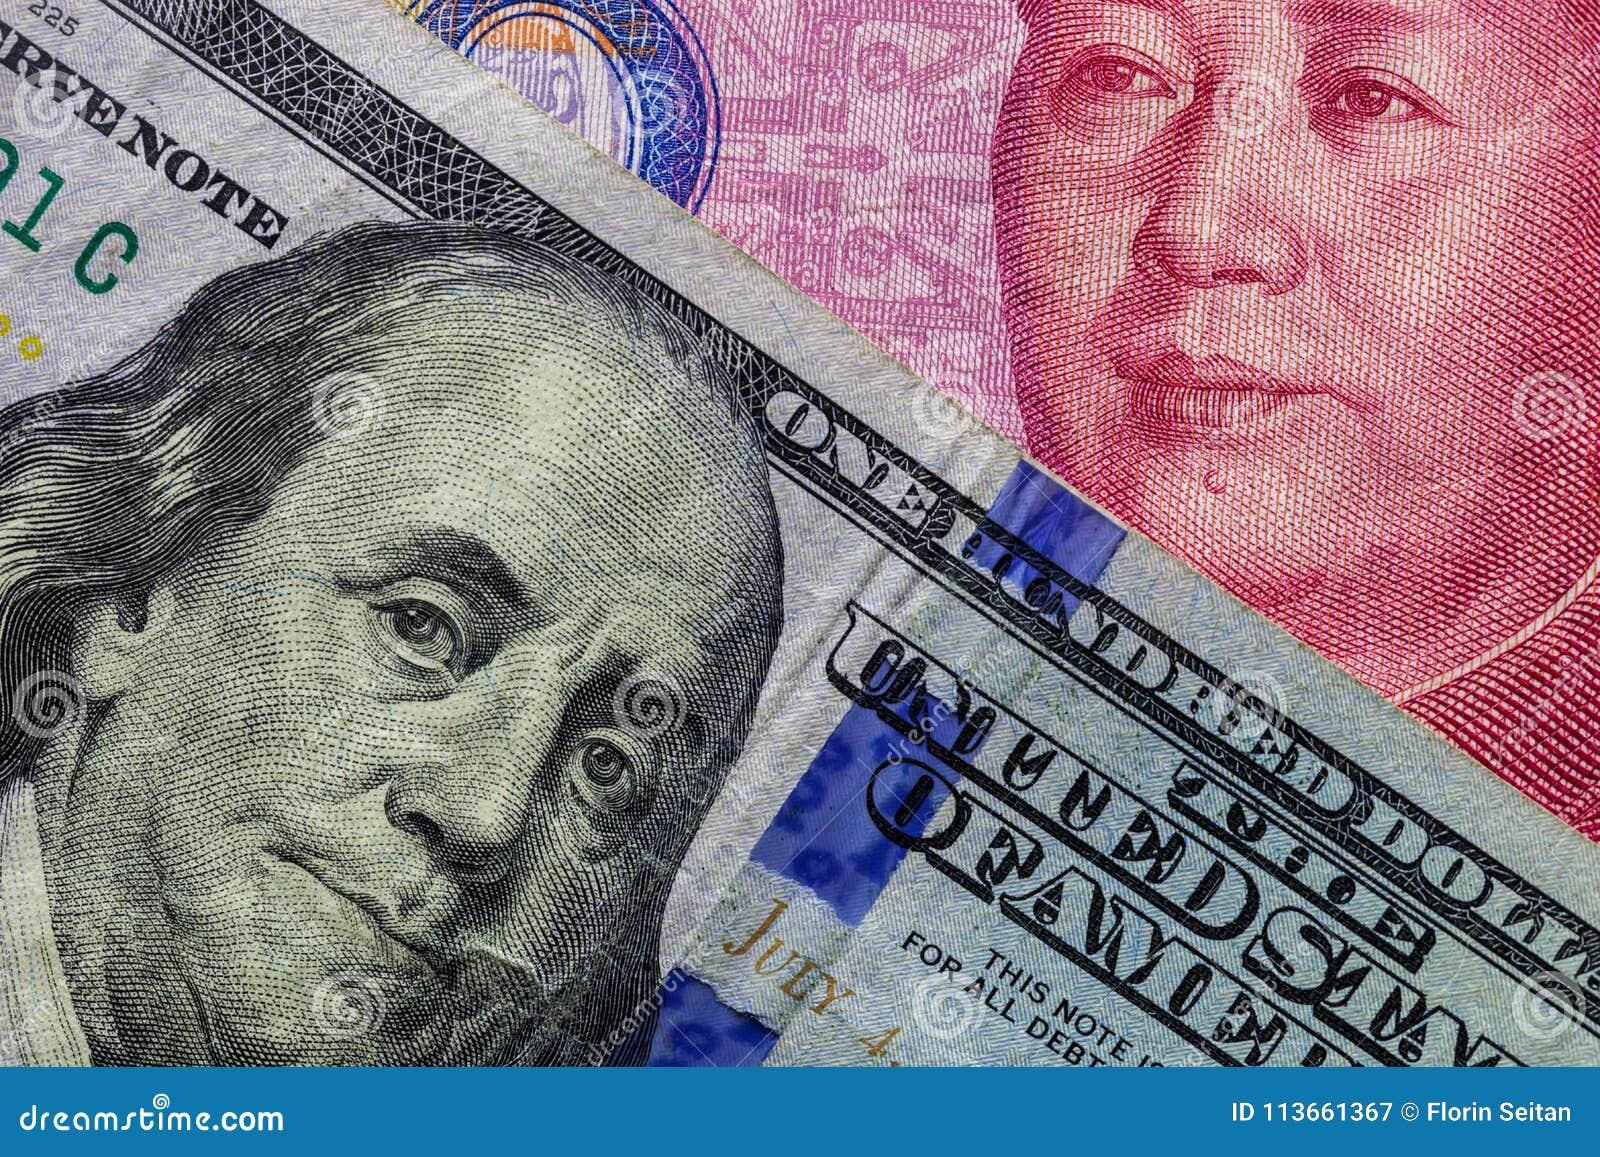 Sluit omhoog van honderd Dollarbankbiljet over een 100 Yuansbankbiljet met nadruk op portretten van Benjamin Franklin en Mao tse-